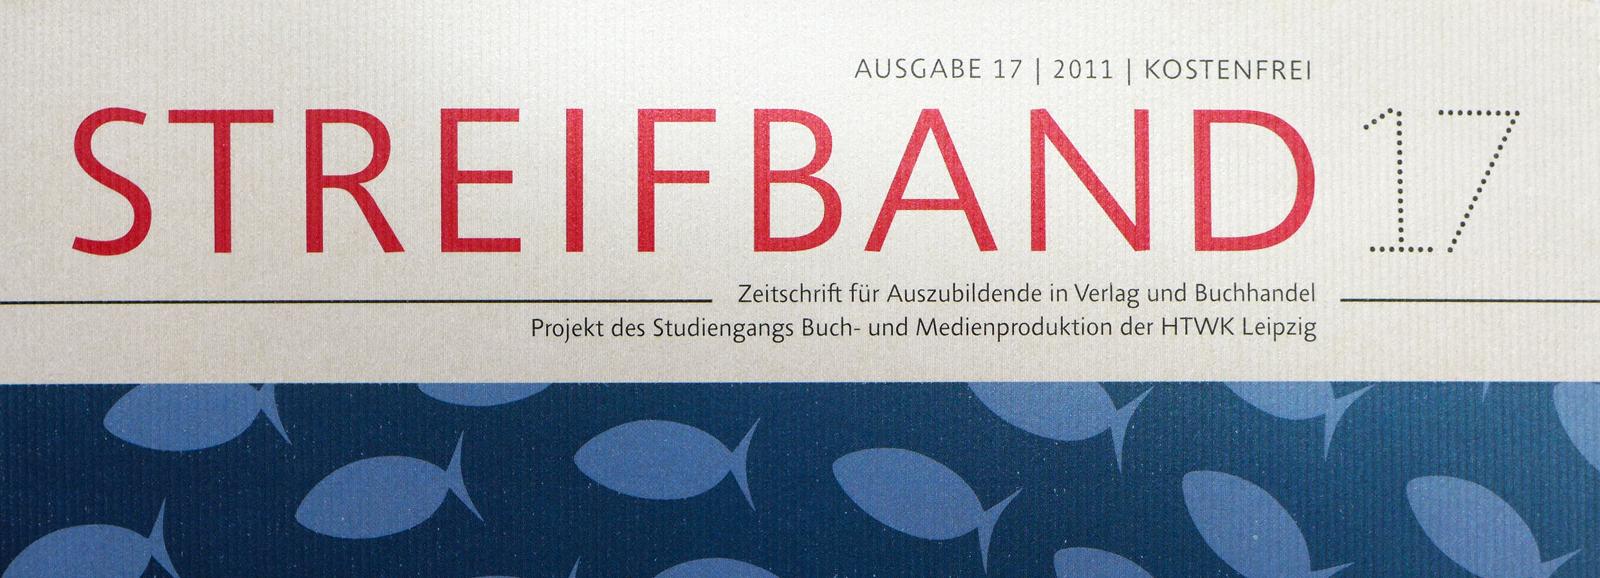 Titel der Zeitschrift Streifband für Auszubildende in Verlag und Buchhandel, Projekt des Studiengangs Buch- und Medienproduktion der HTWK Leipzig